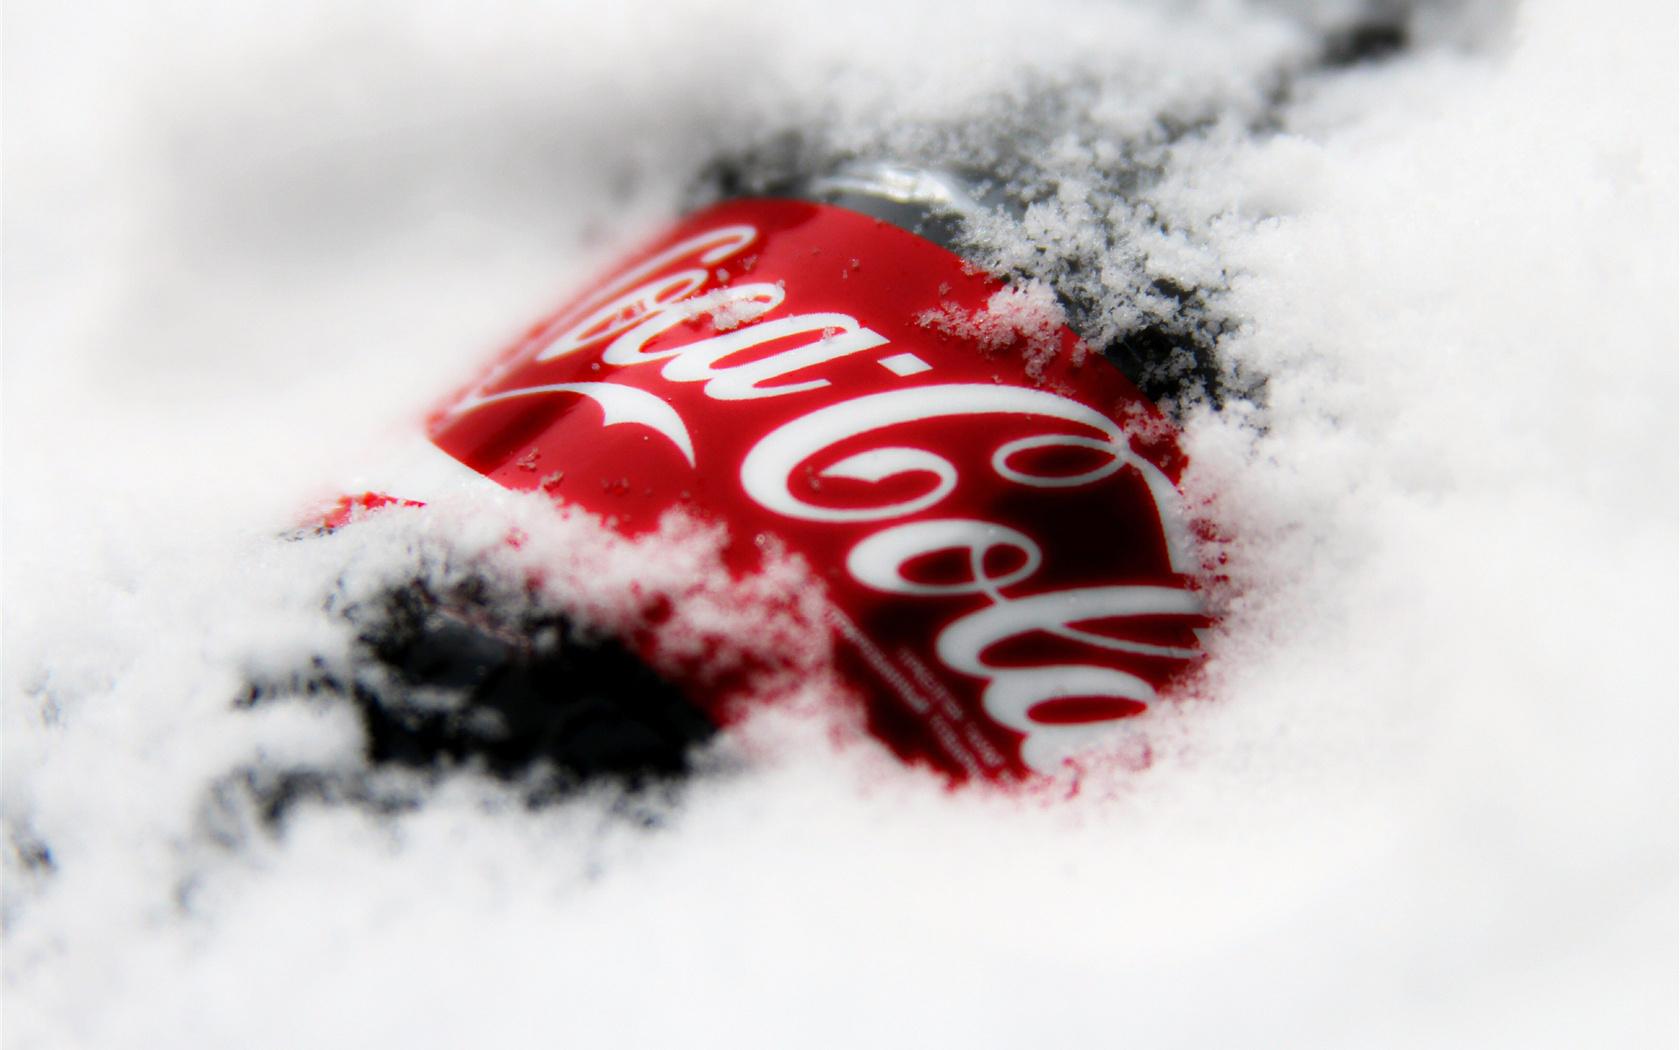 16397 Hintergrundbild herunterladen Marken, Logos, Schnee, Coca-Cola - Bildschirmschoner und Bilder kostenlos